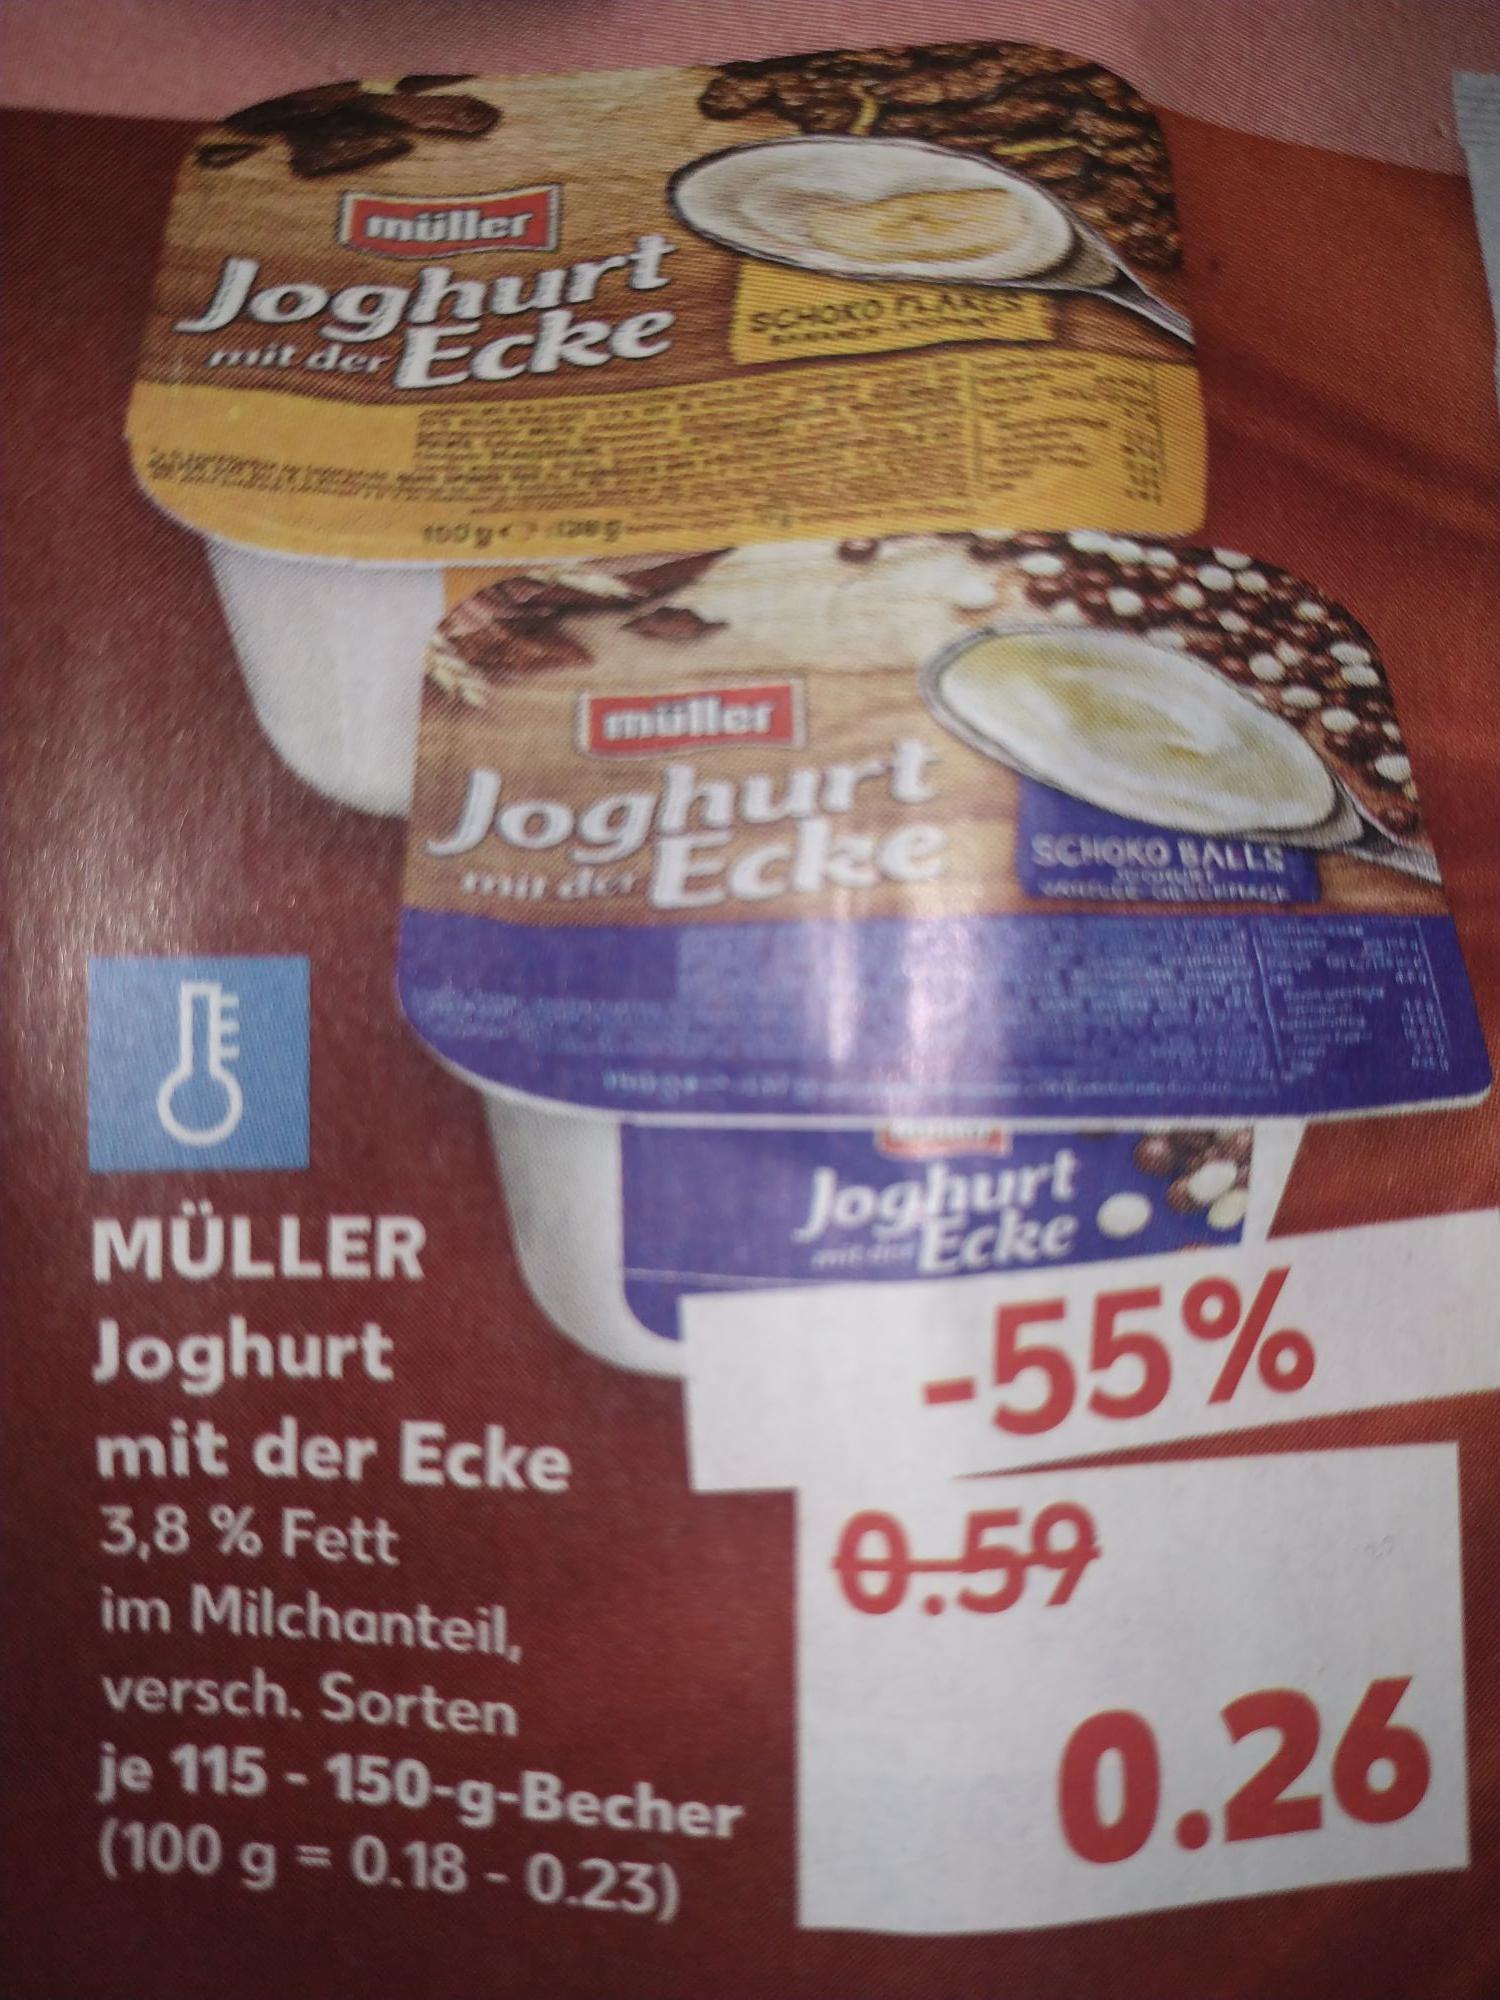 [Kaufland] MÜLLER Joghurt mit der Ecke versch. Sorten